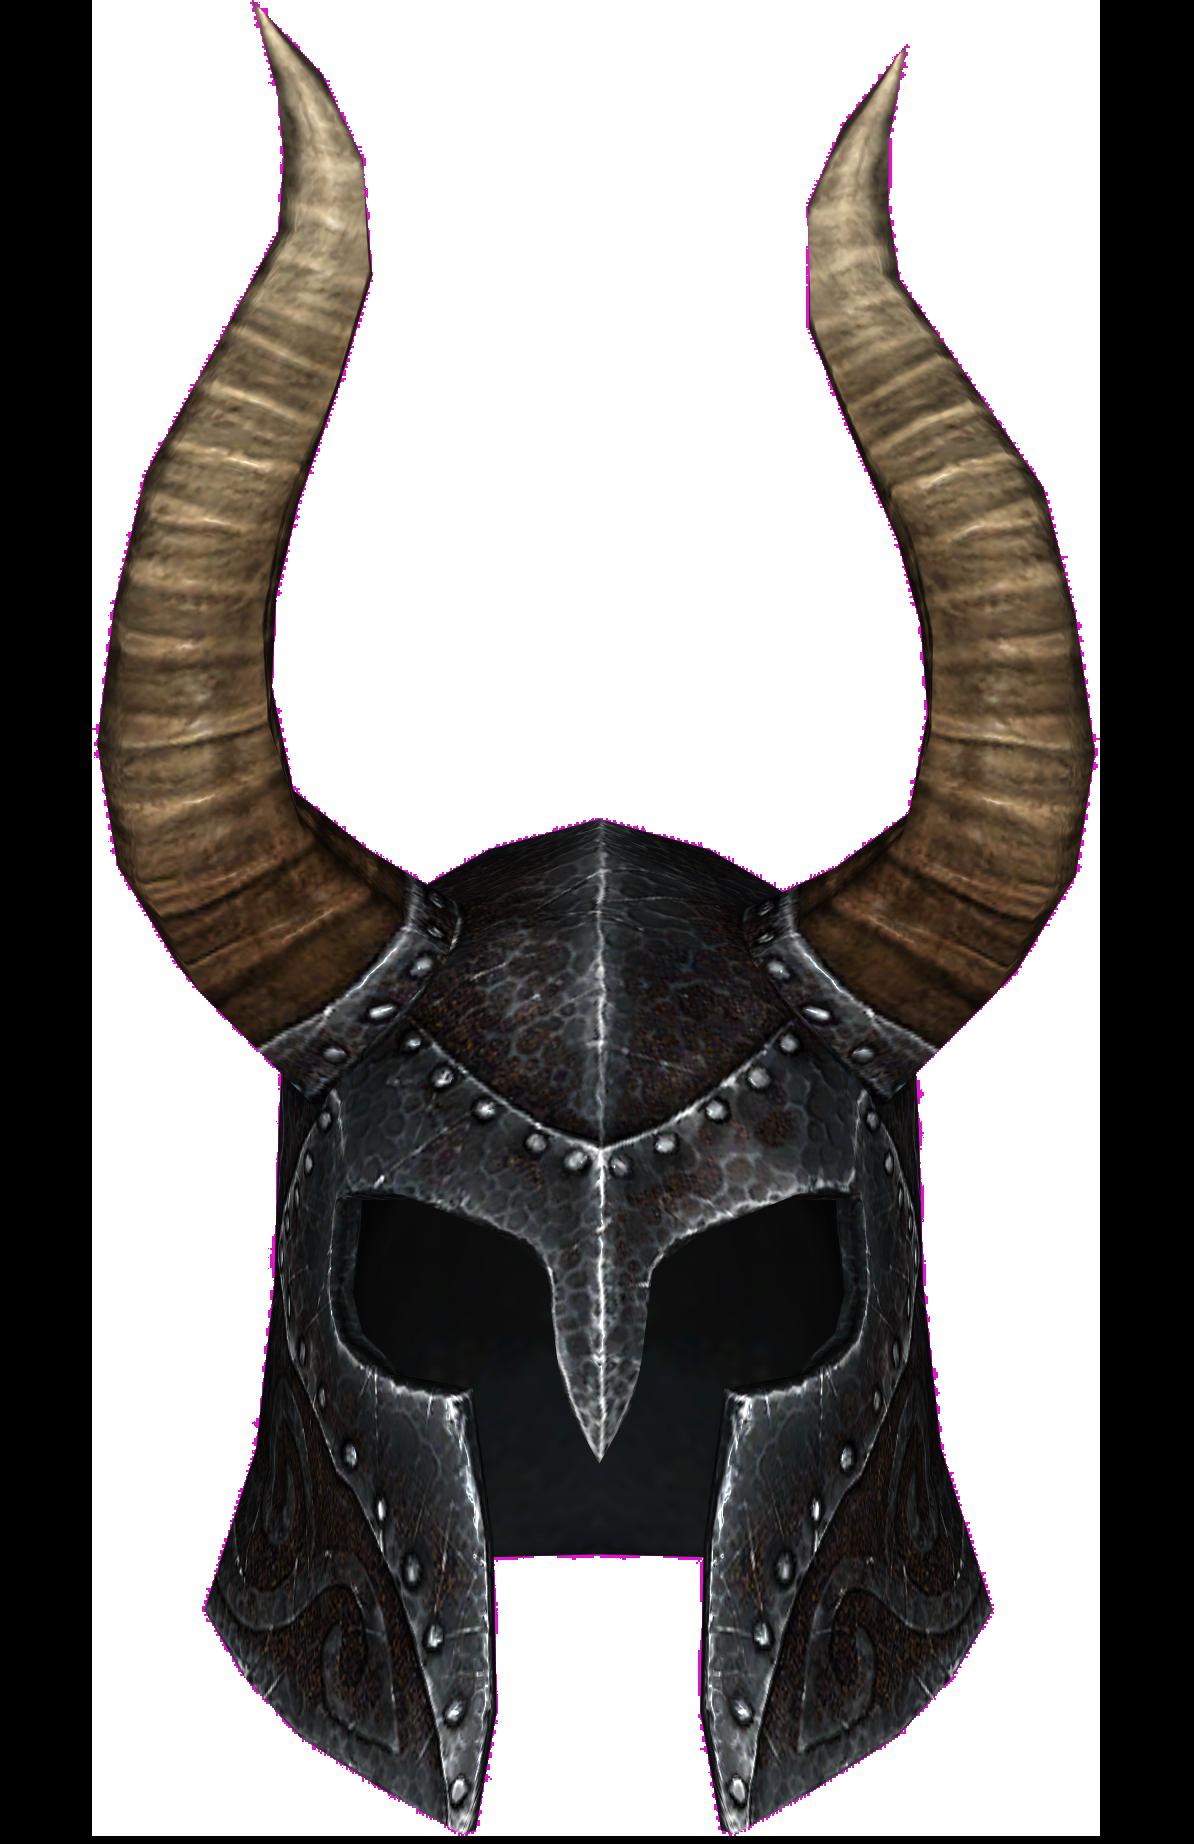 helm of yngol elder scrolls fandom powered by wikia